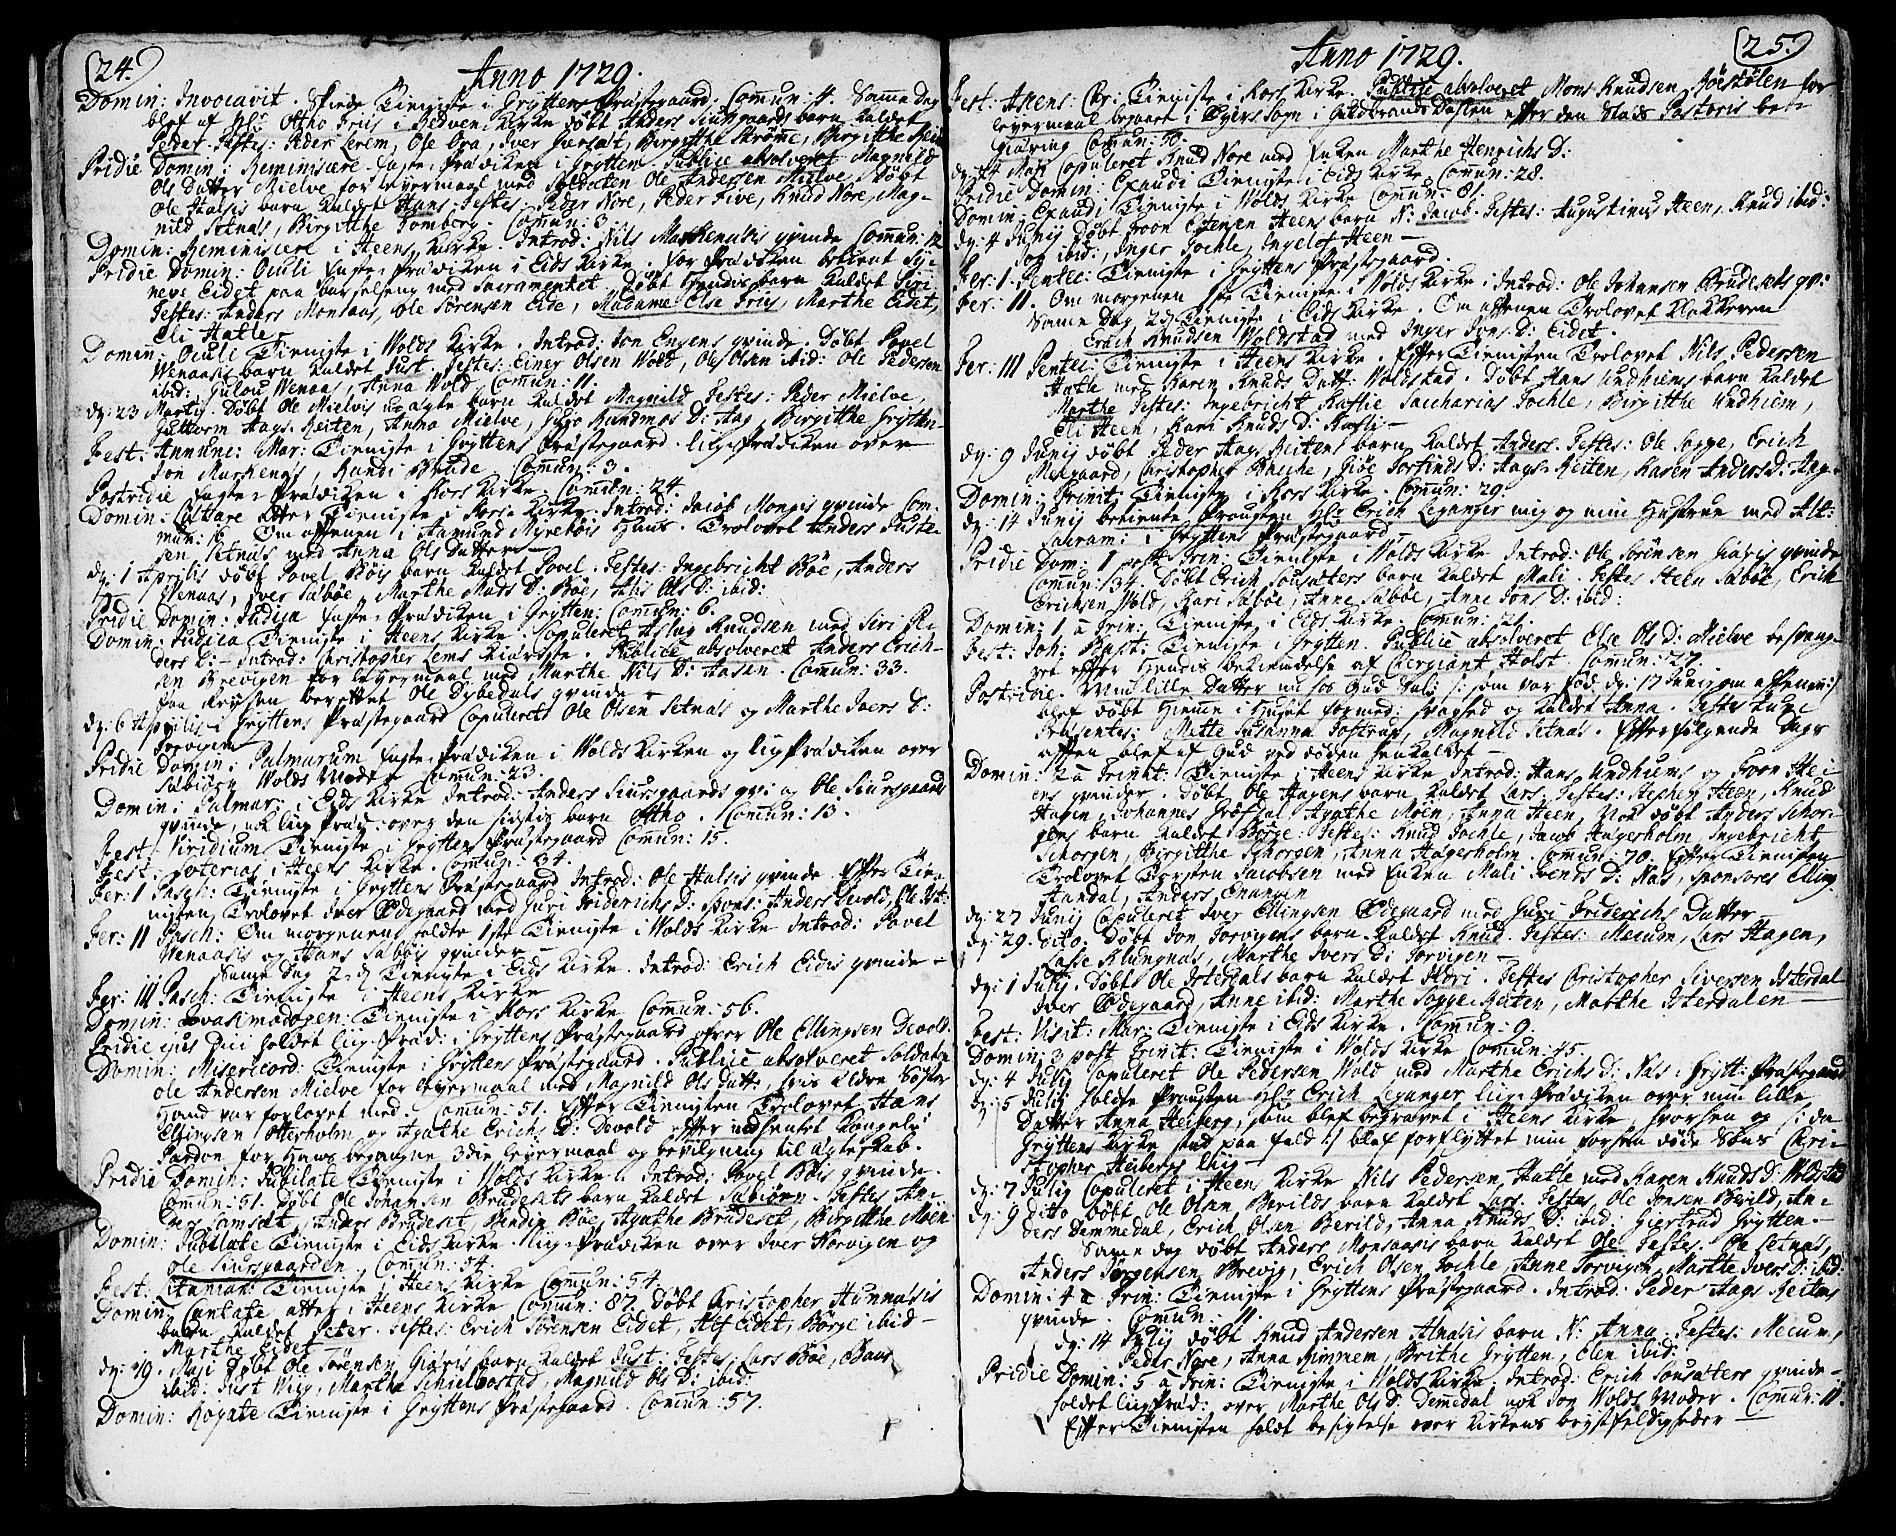 SAT, Ministerialprotokoller, klokkerbøker og fødselsregistre - Møre og Romsdal, 544/L0568: Ministerialbok nr. 544A01, 1725-1763, s. 24-25